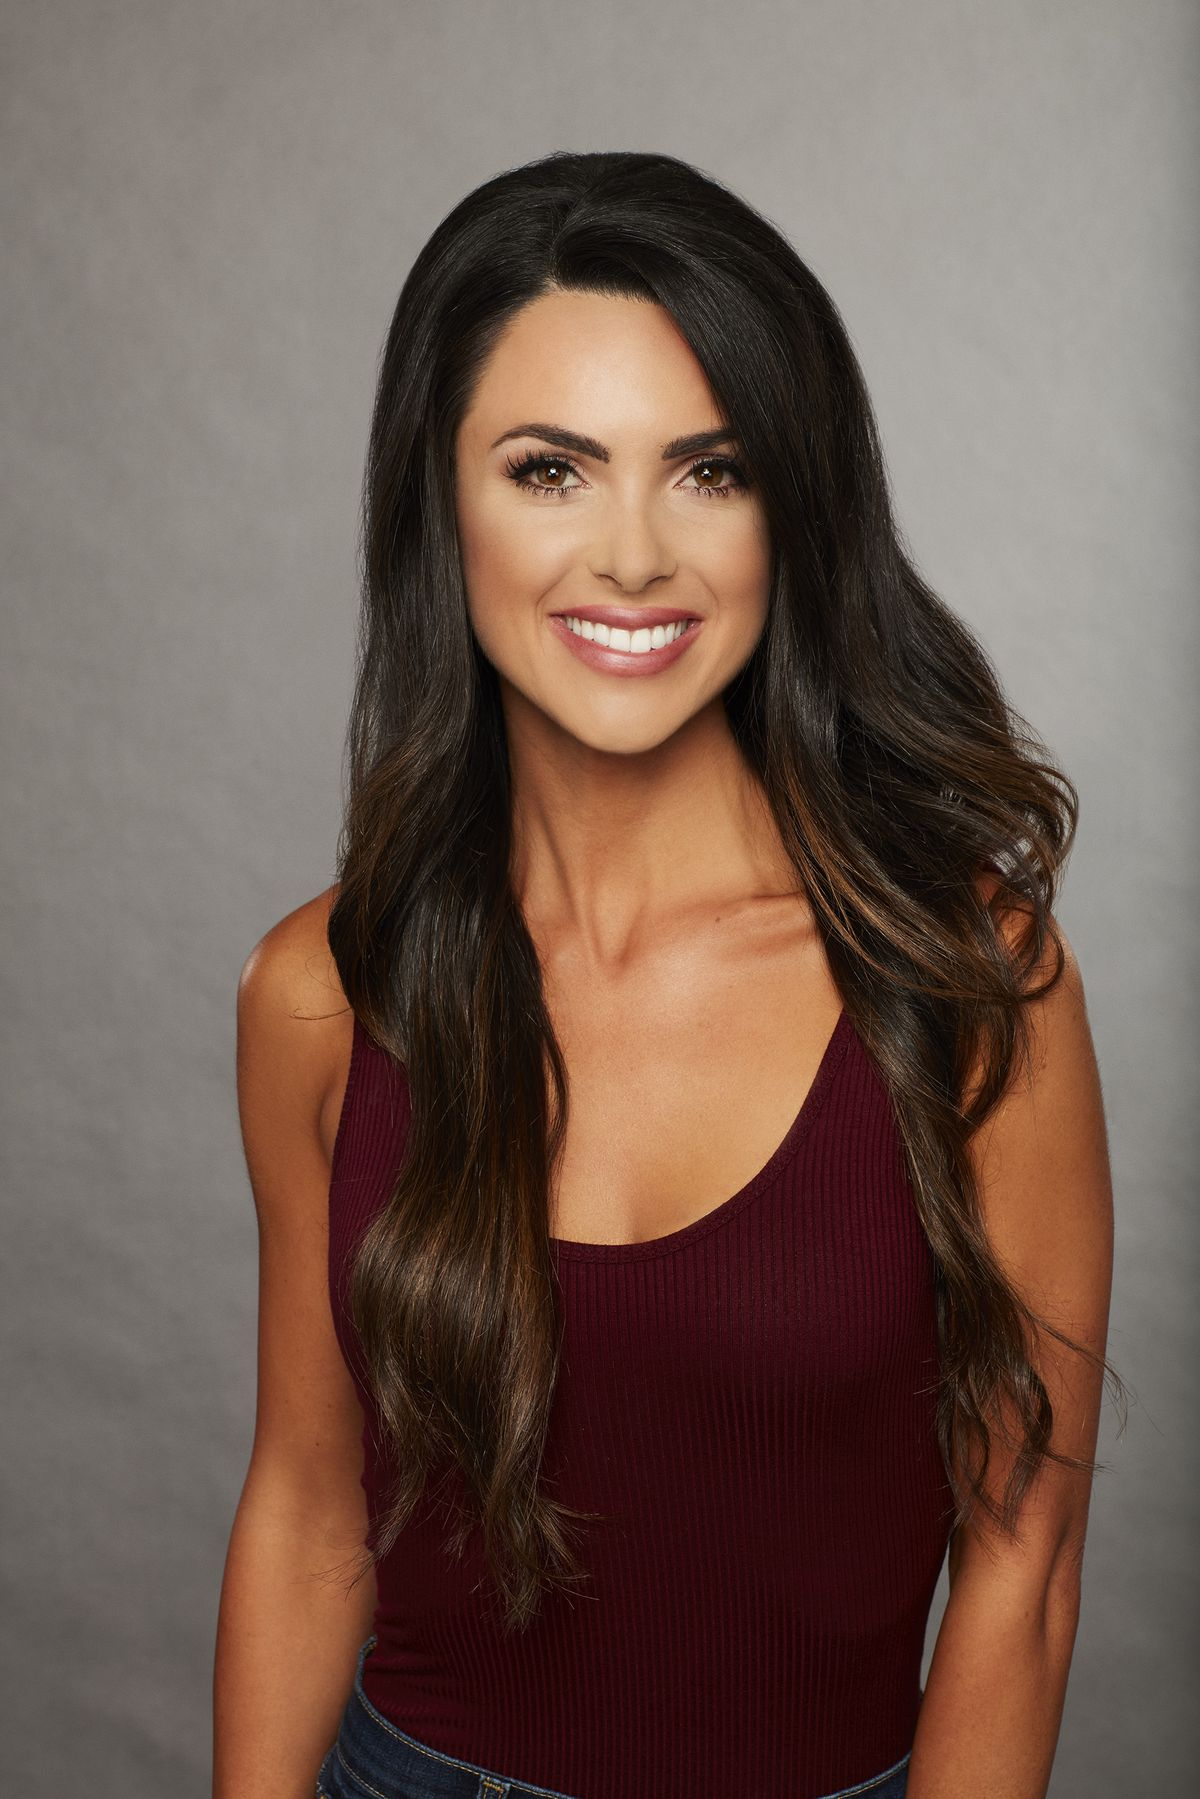 Bachelor contestant Bri, 25